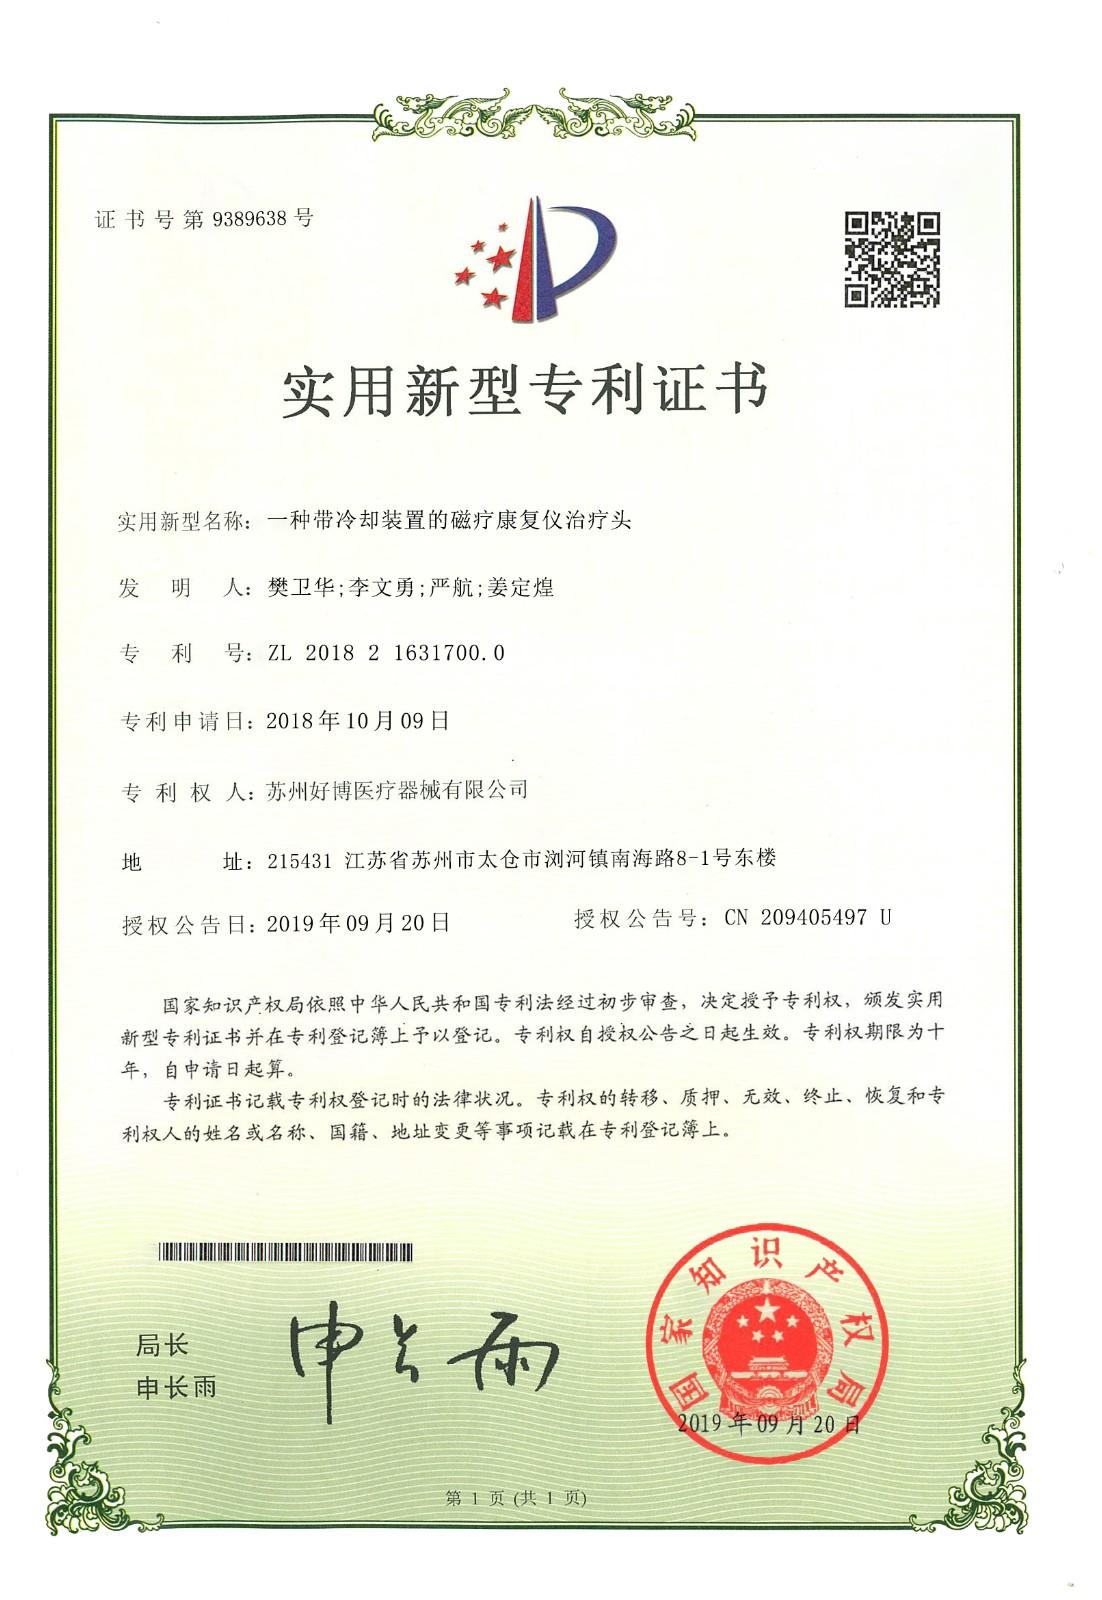 A-018-34 实用新型专利证书 一种带冷却装置的磁疗康复仪治疗头(证书号第9389638号)修改后.jpg